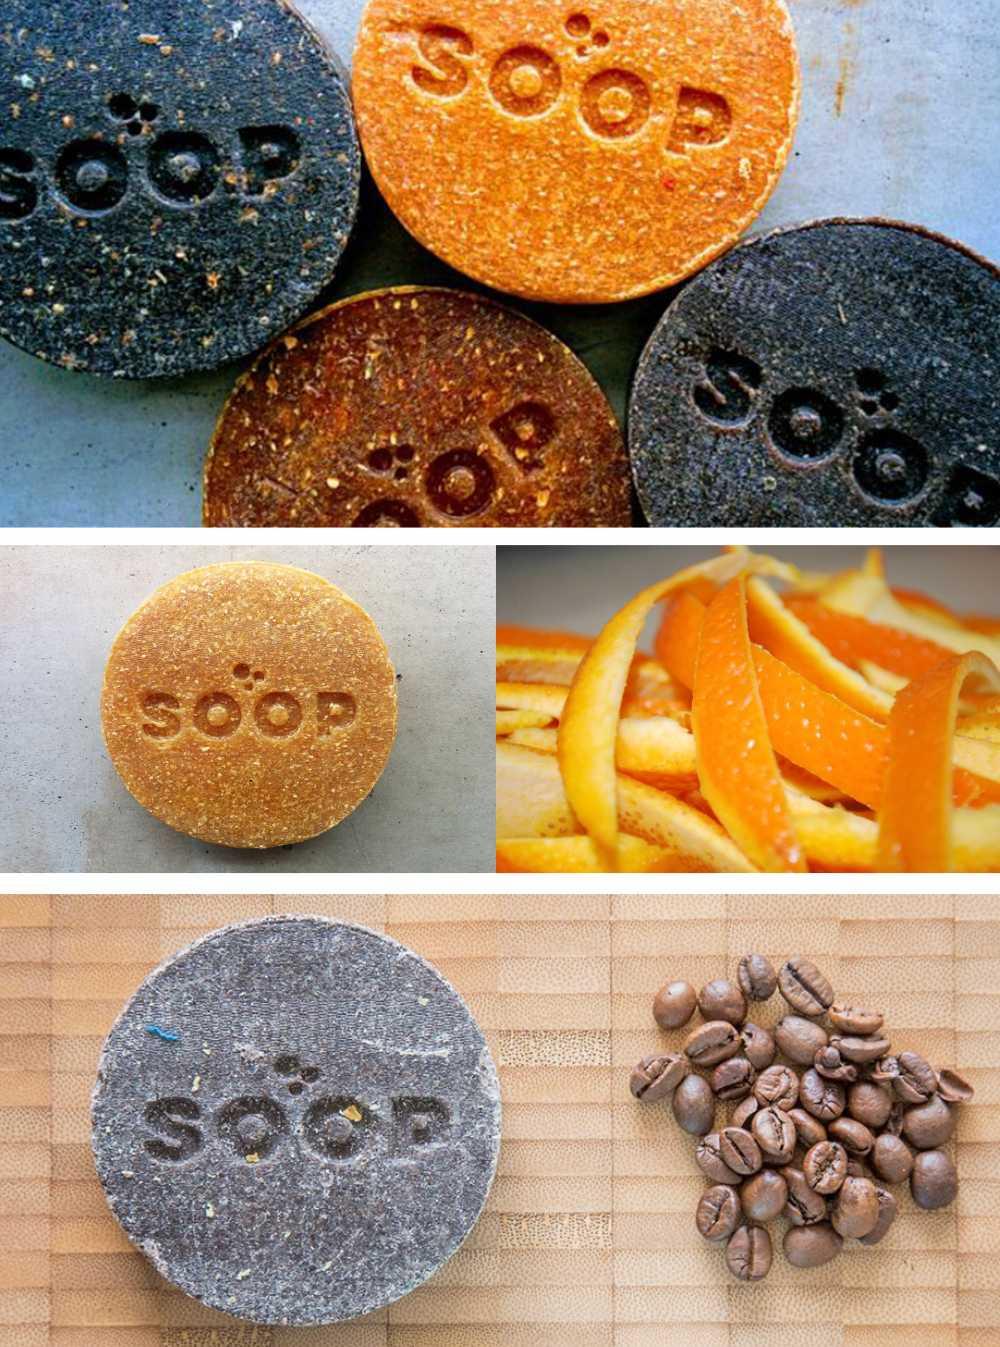 IMAGOMMAGE-SLIDE-ECO-GREEN-PERSONALIZZATO-MERCHANDISING-MUSEALE-PROMOZIONALE-RICICLATO-Sapone arancia e Caffè